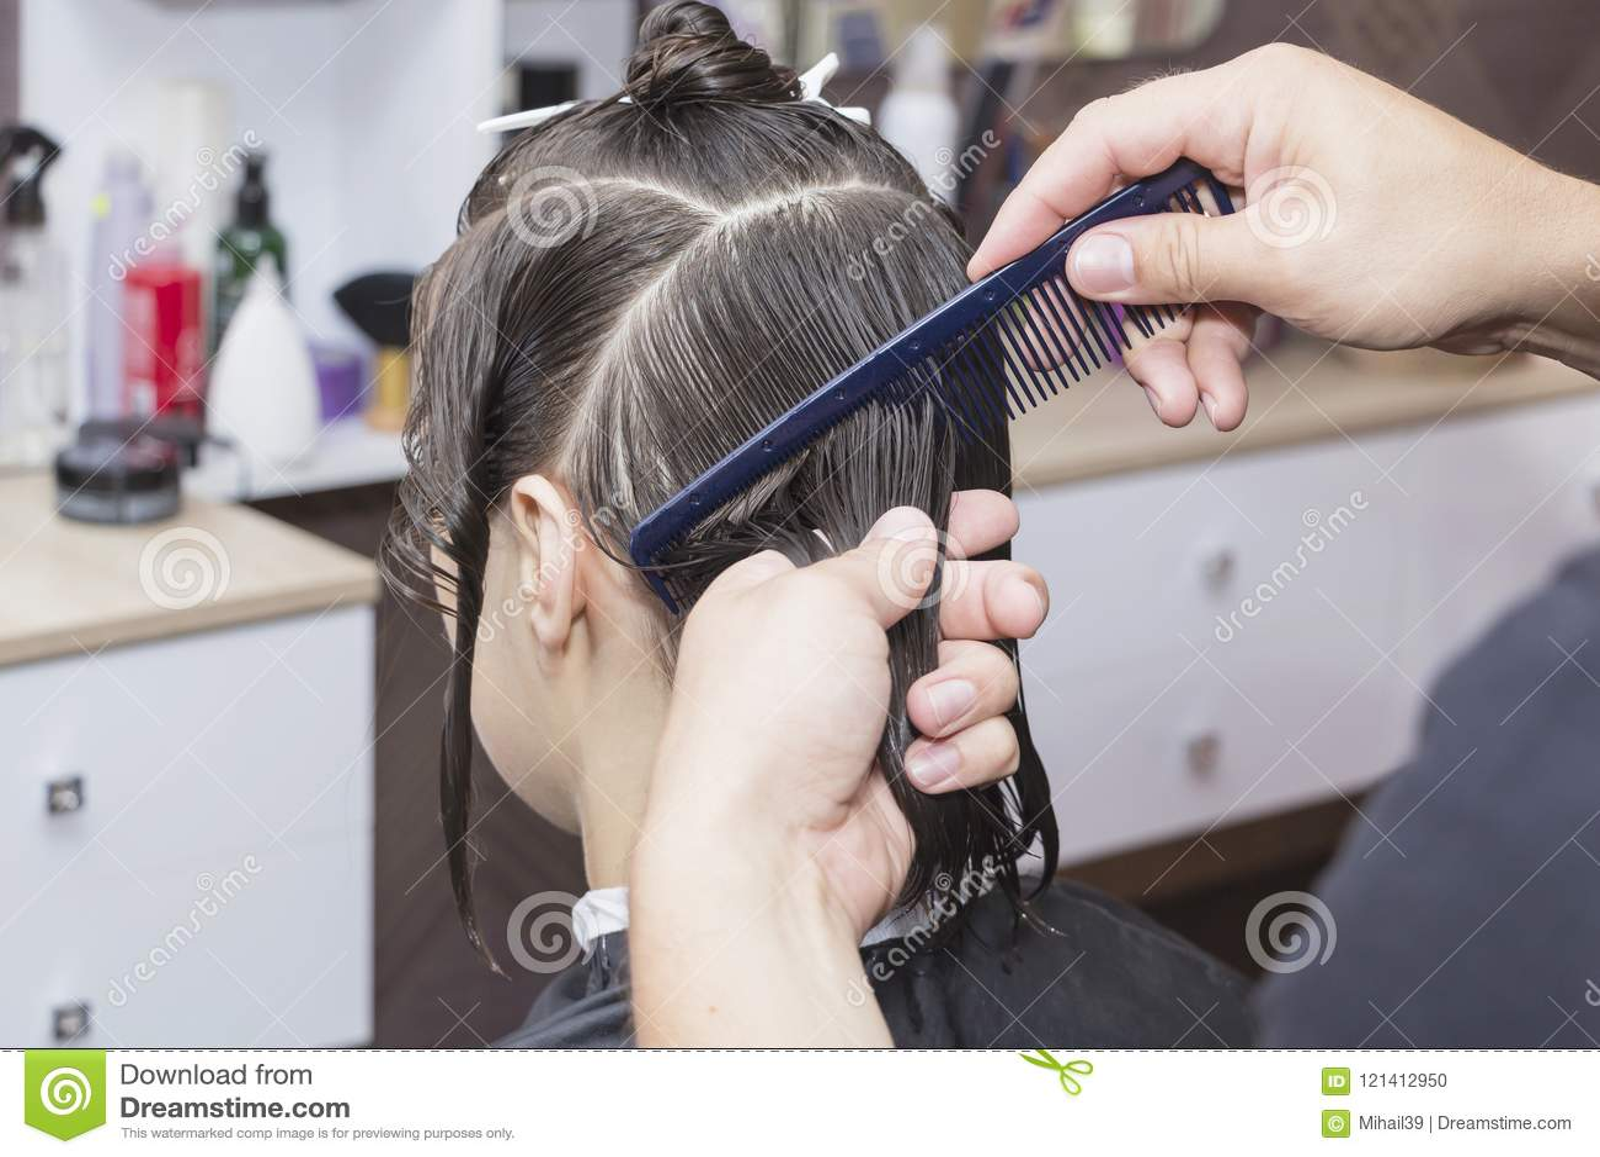 Stylisty fryzjer w fryzjera męskiego sklepie robi ostrzyżenia zbliżeniu